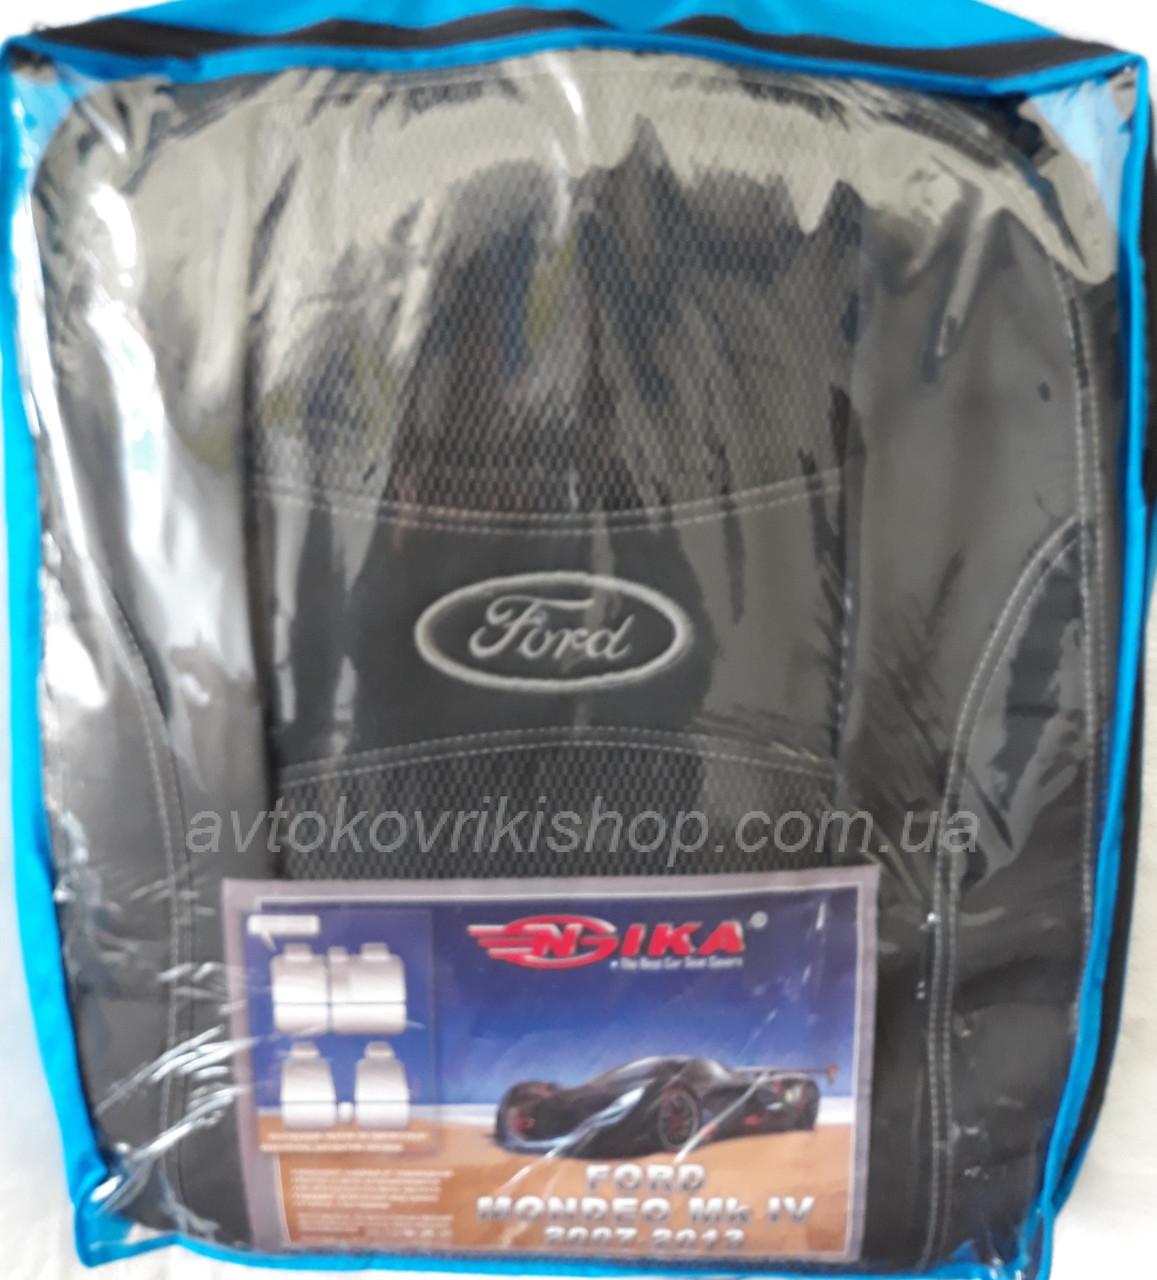 Автомобильные чехлы на Ford Mondeo MK IV 2007-2013 Nika